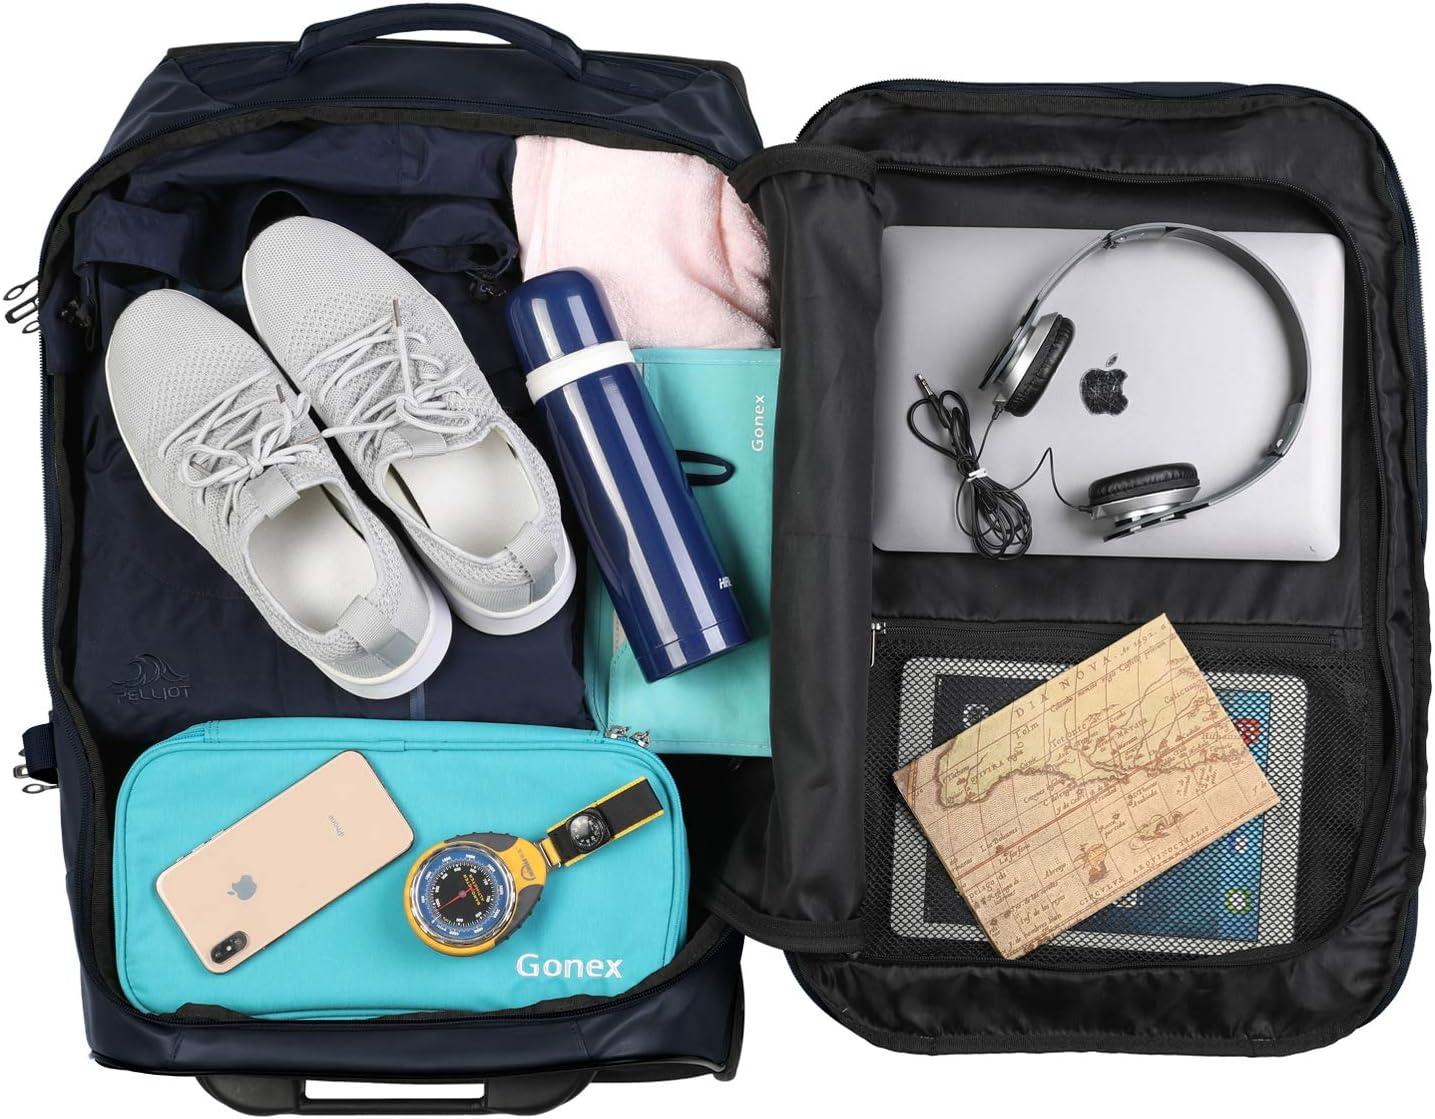 Gonex Sac de Voyage /à Roulette Valise 65cm 70L Moyennde Bagage de Voyage D/éplacement Bleu